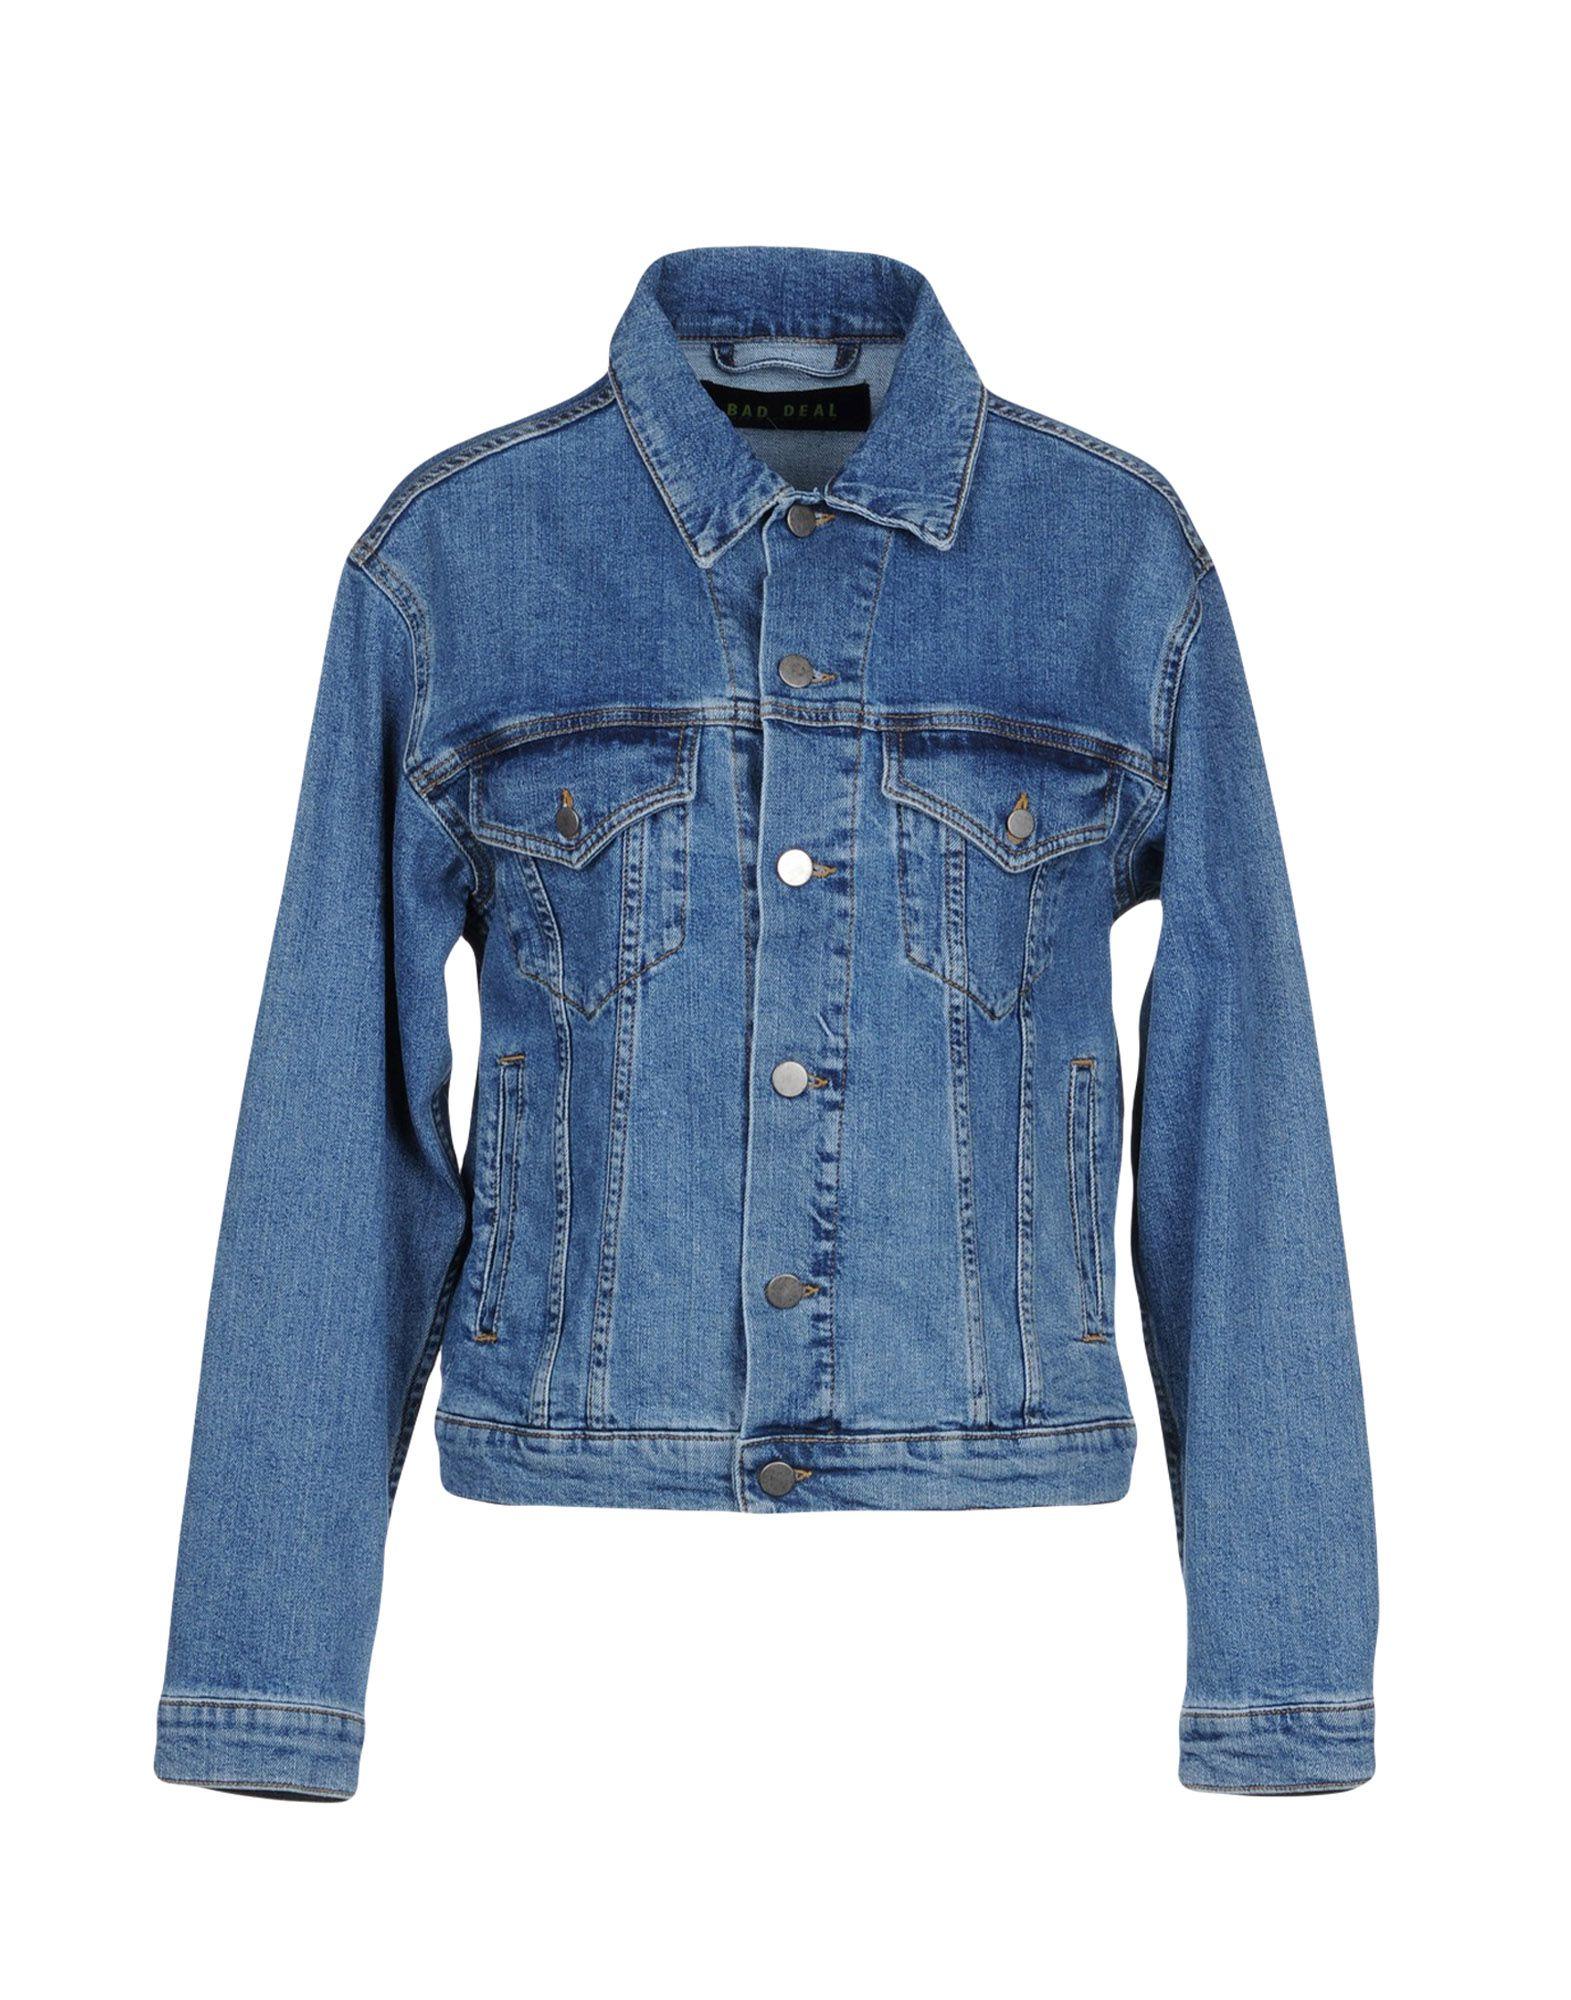 BAD DEAL Джинсовая верхняя одежда wood wood джинсовая верхняя одежда